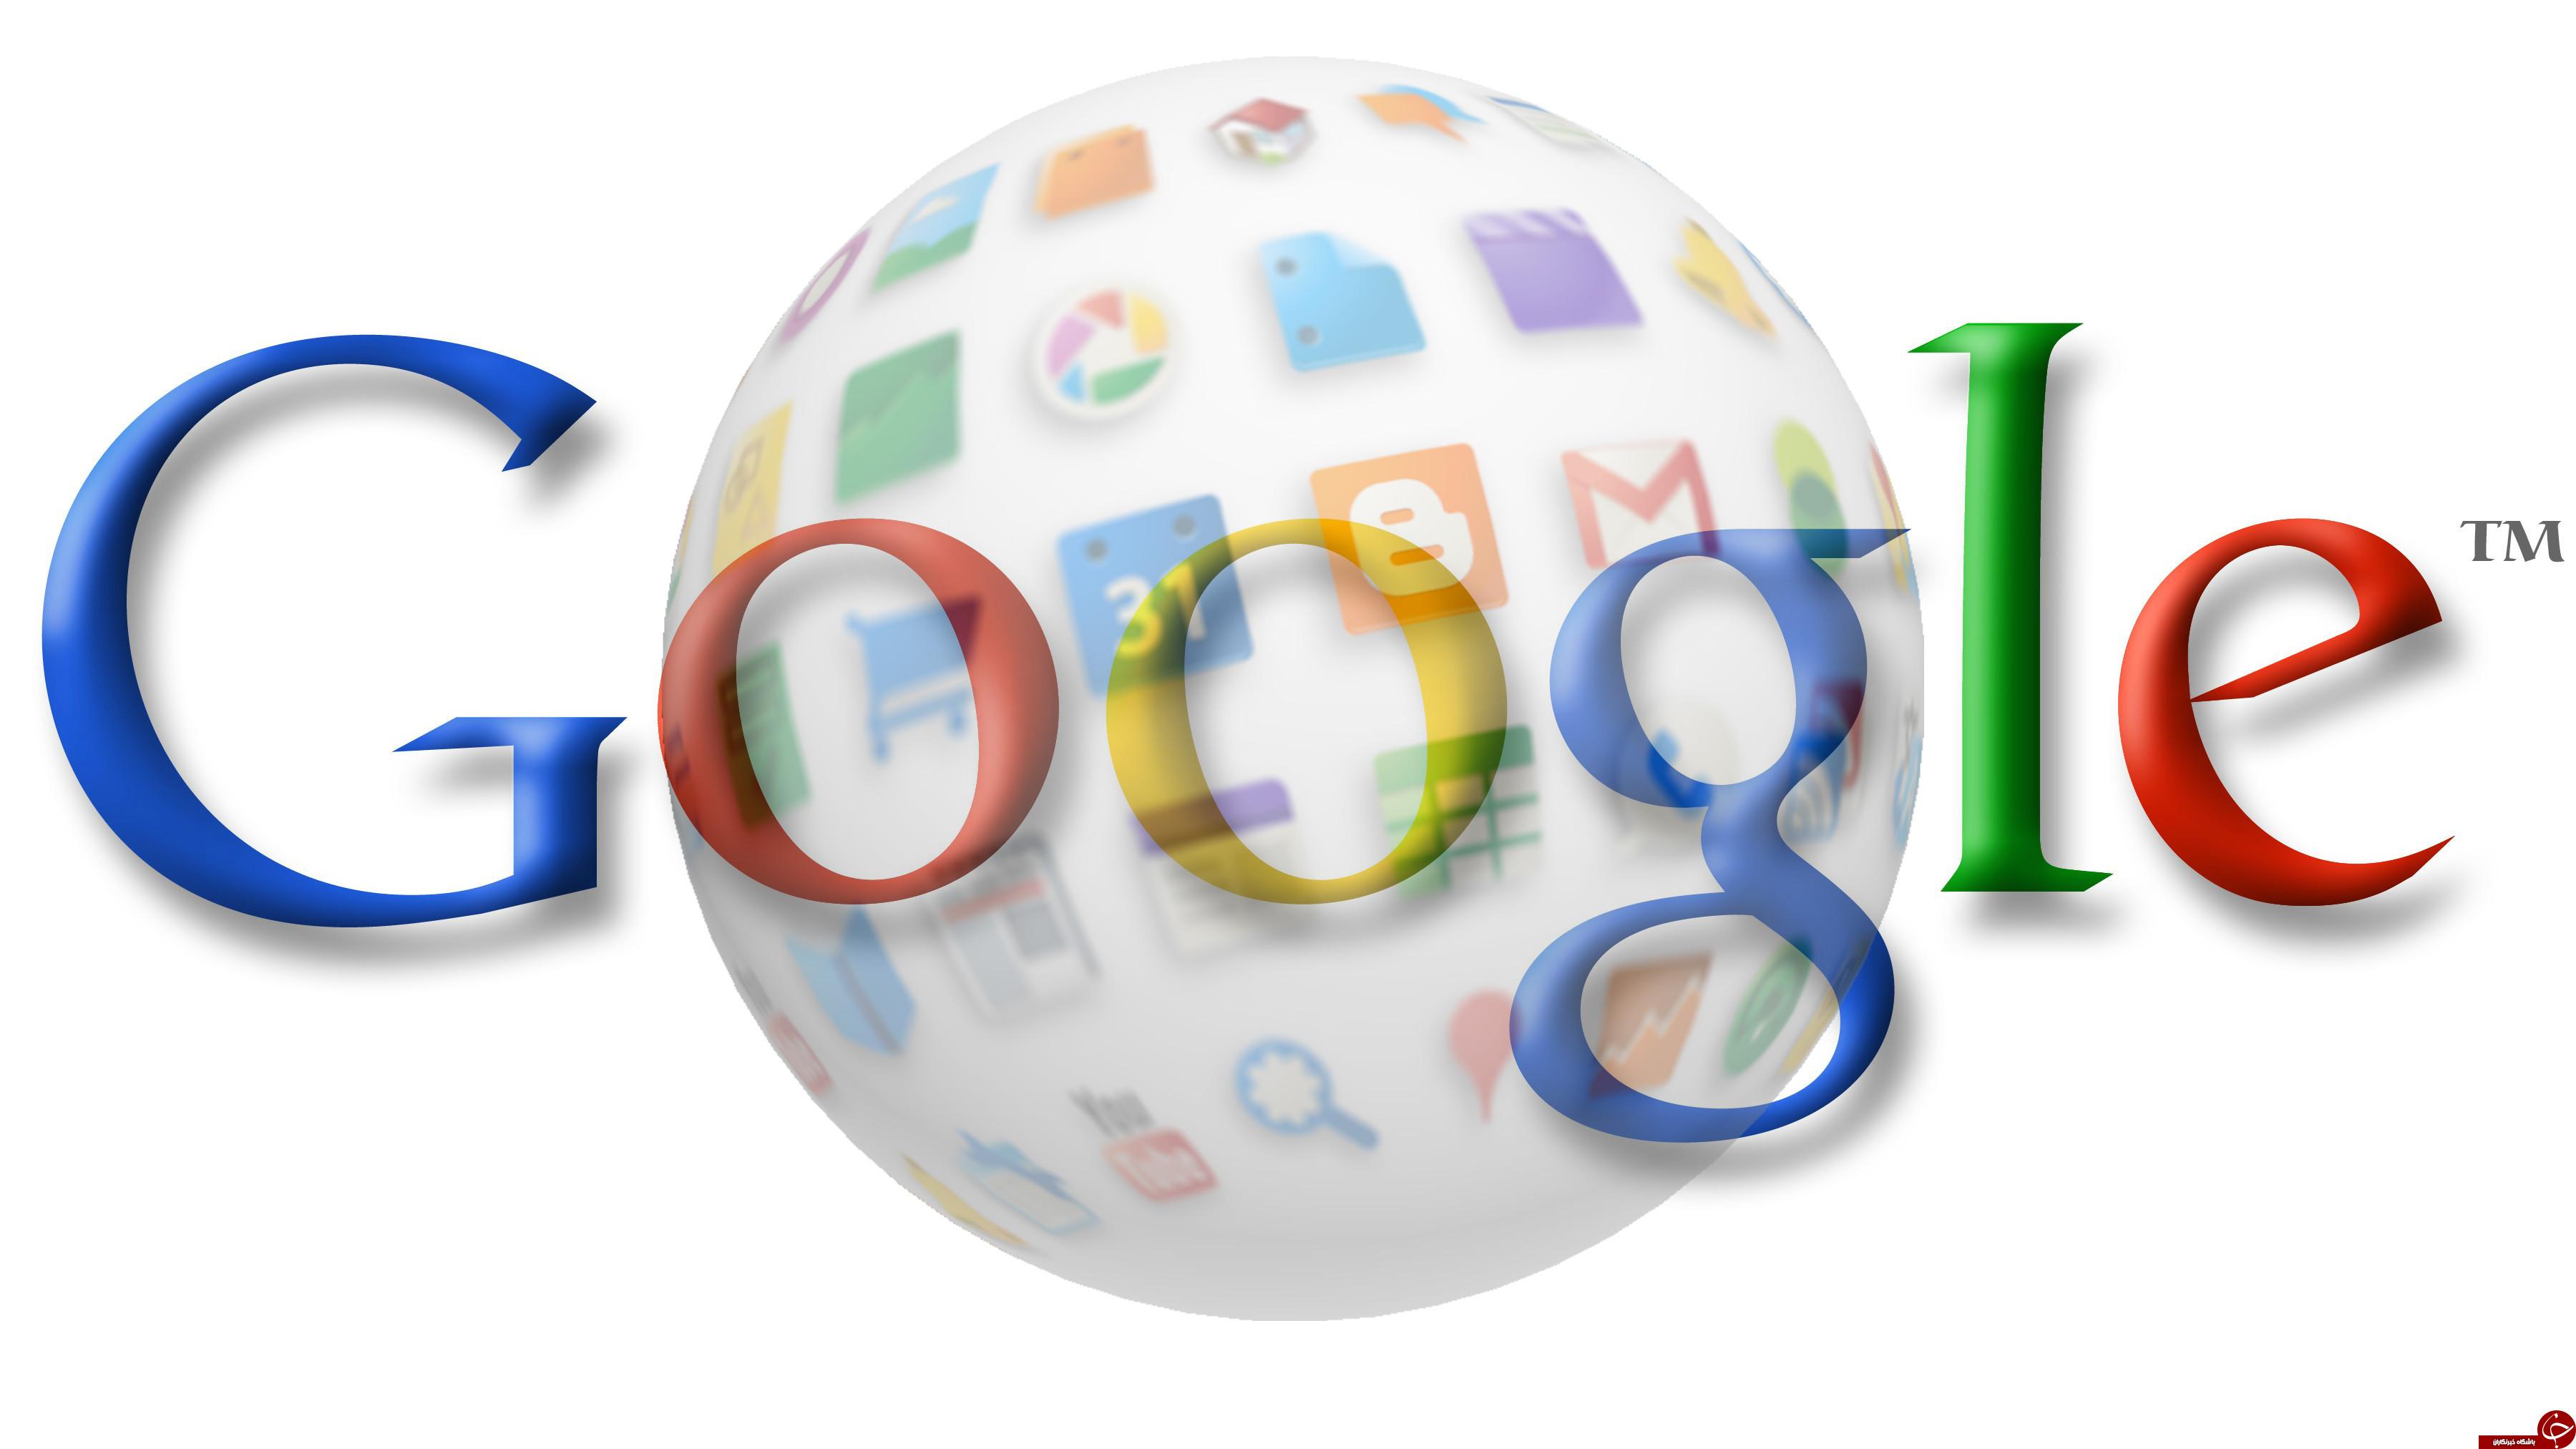 تحریم های گوگل علیه ایران به چه معناست ؟!